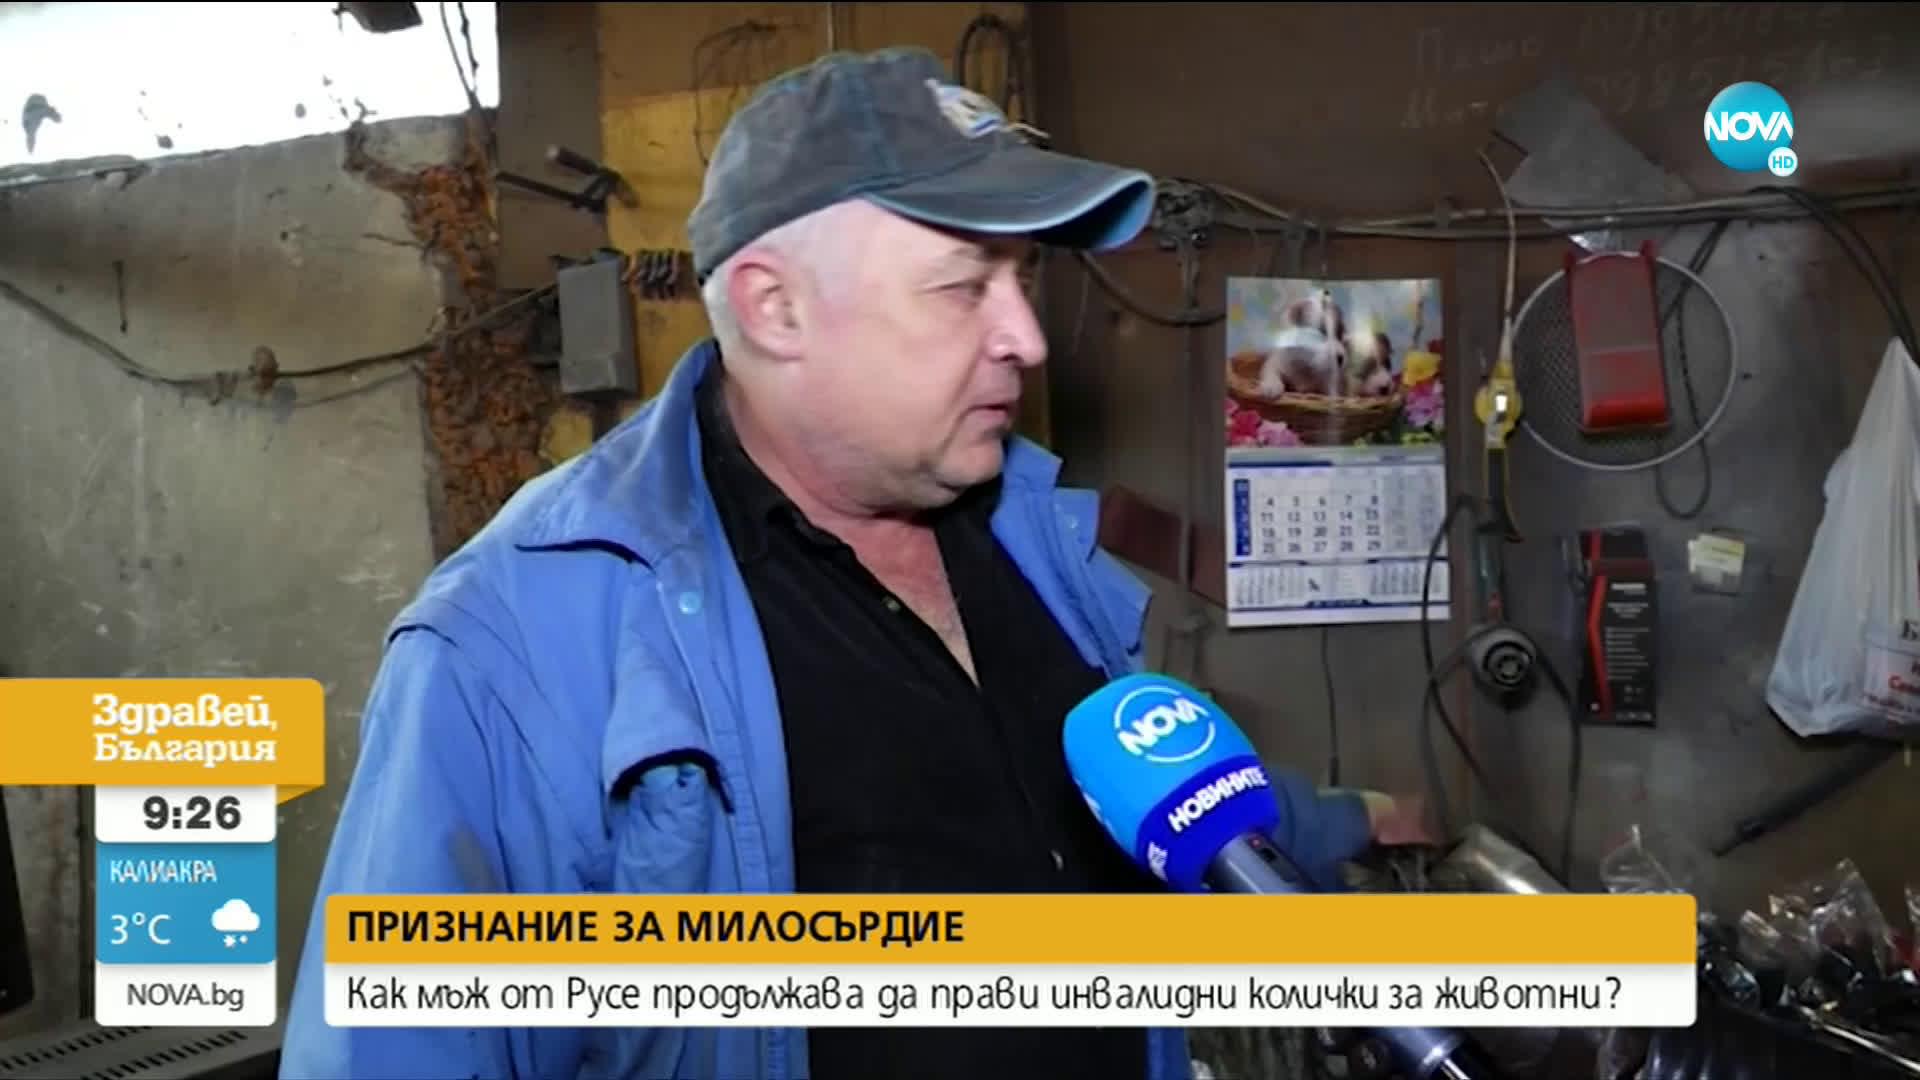 Как мъж от Русе продължава да прави инвалидни колички за животни